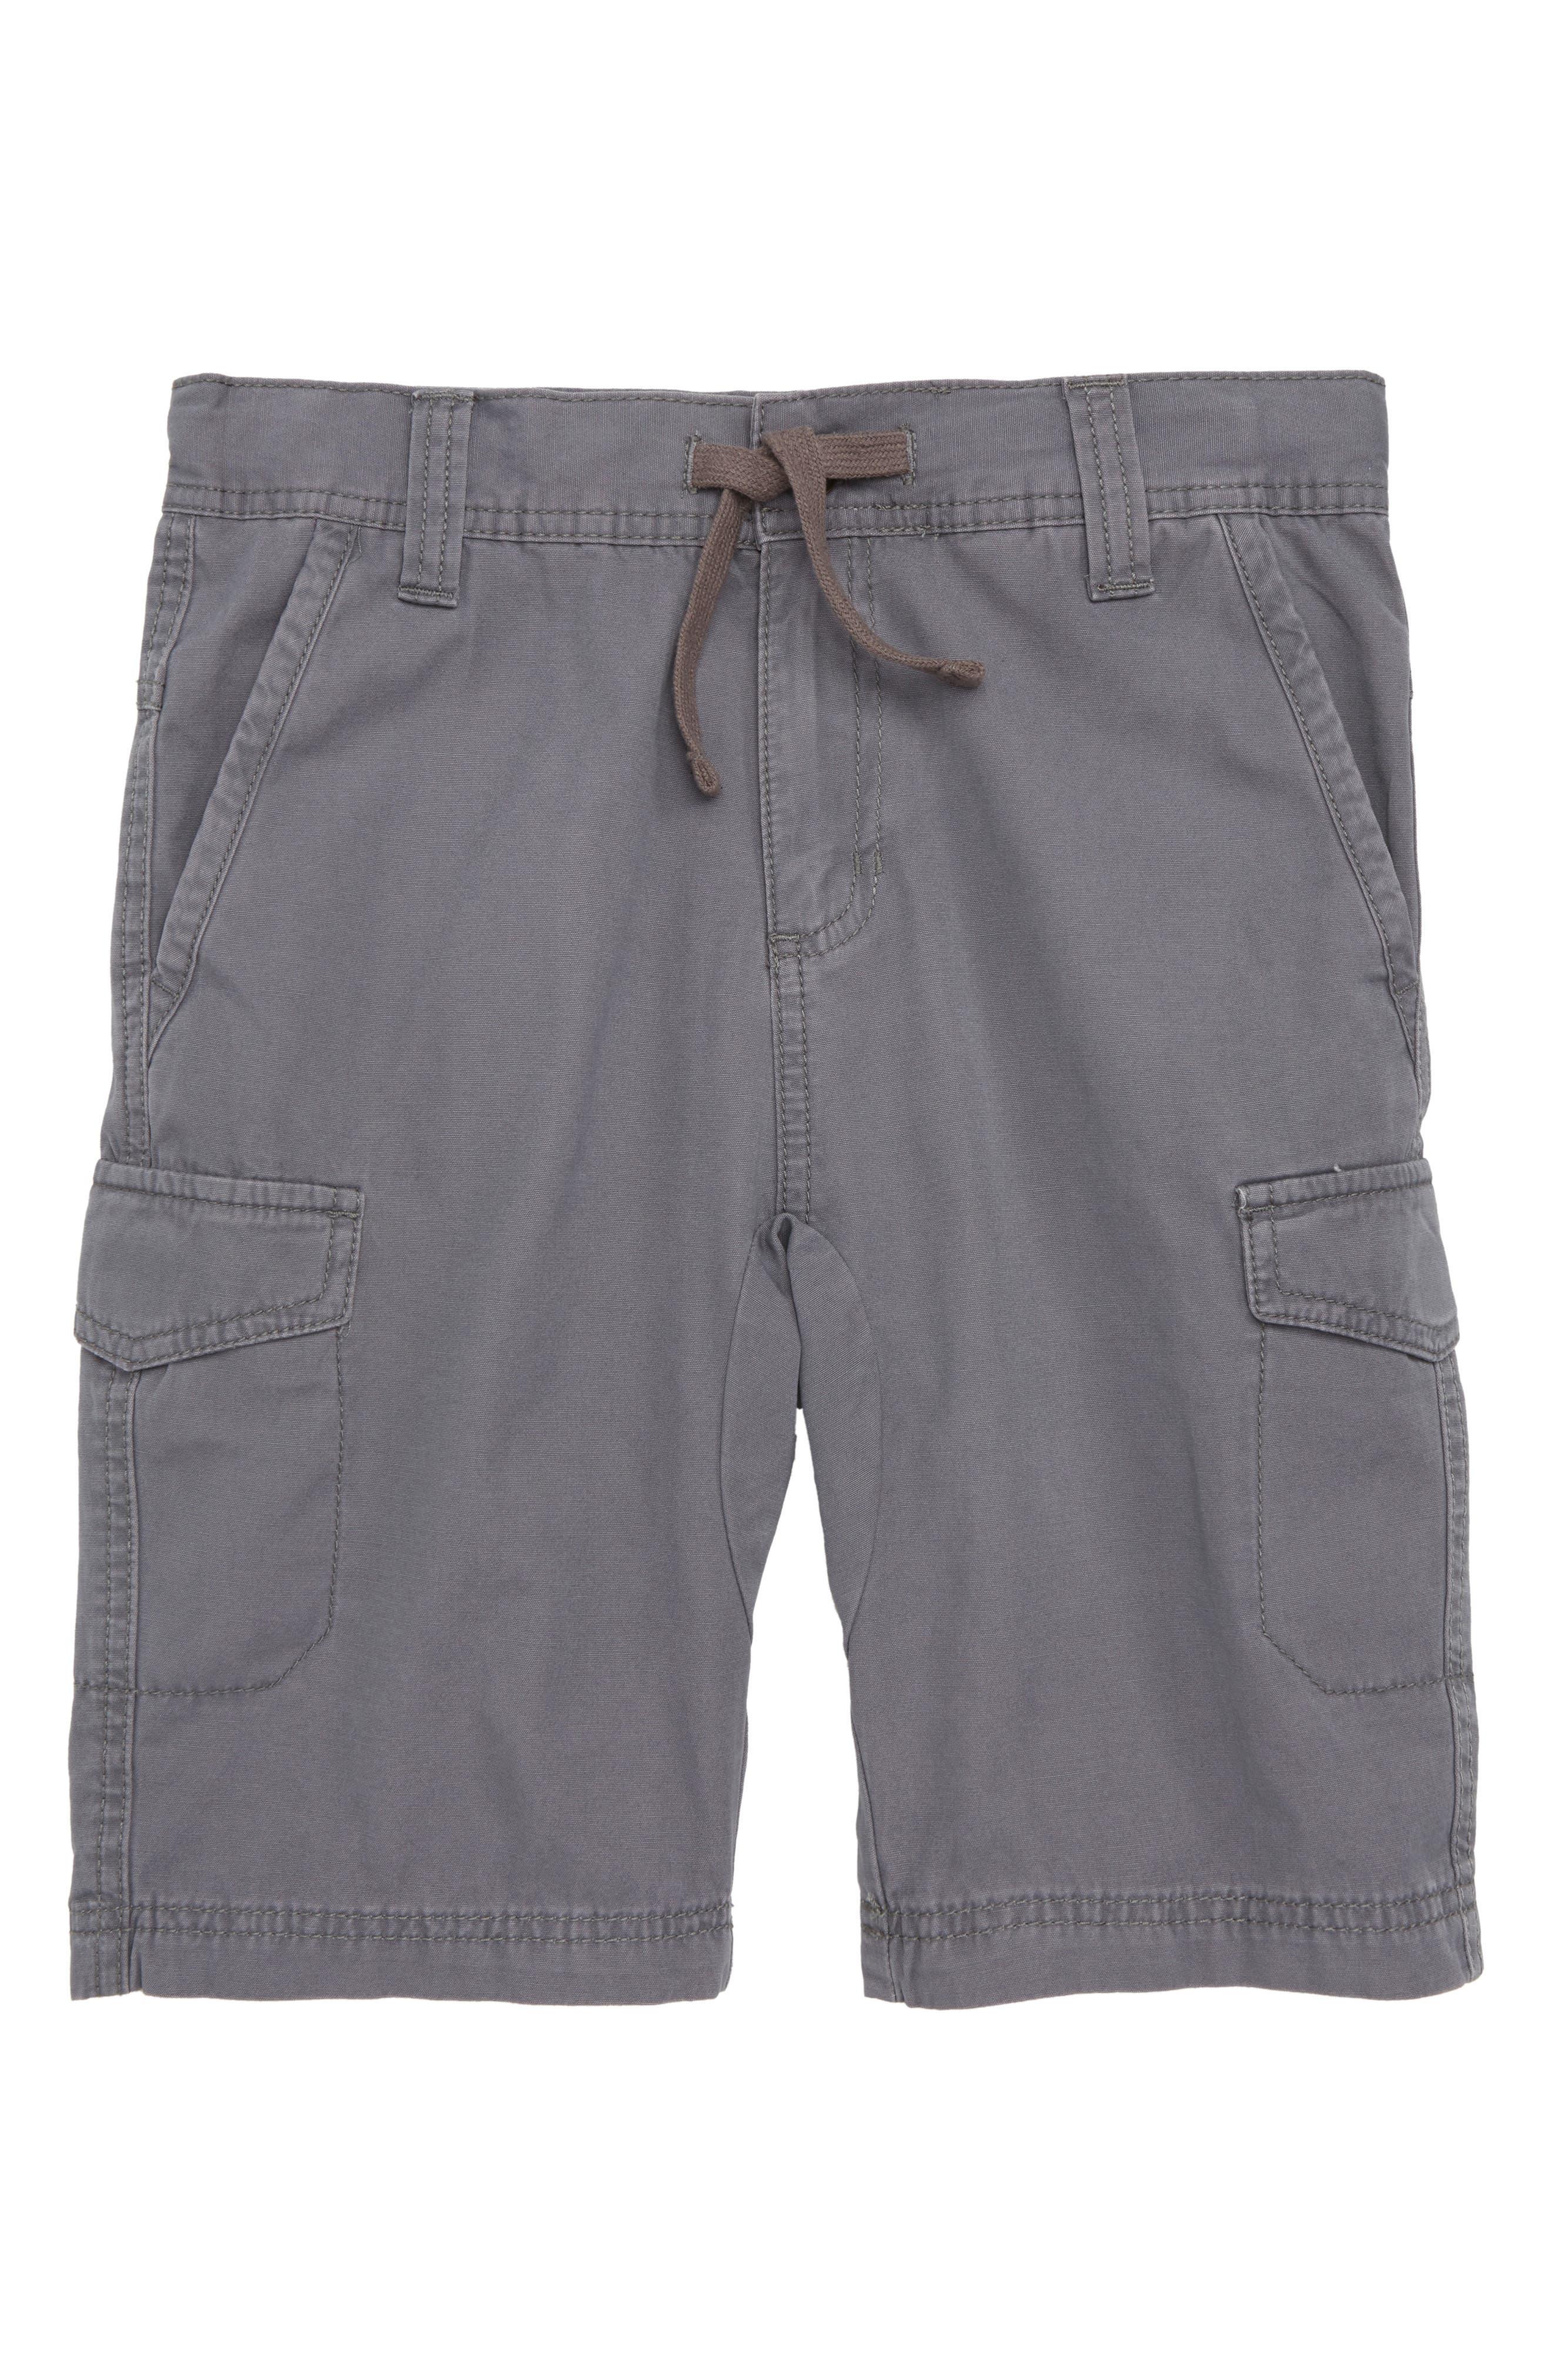 Utility Shorts,                         Main,                         color, Grey Castlerock